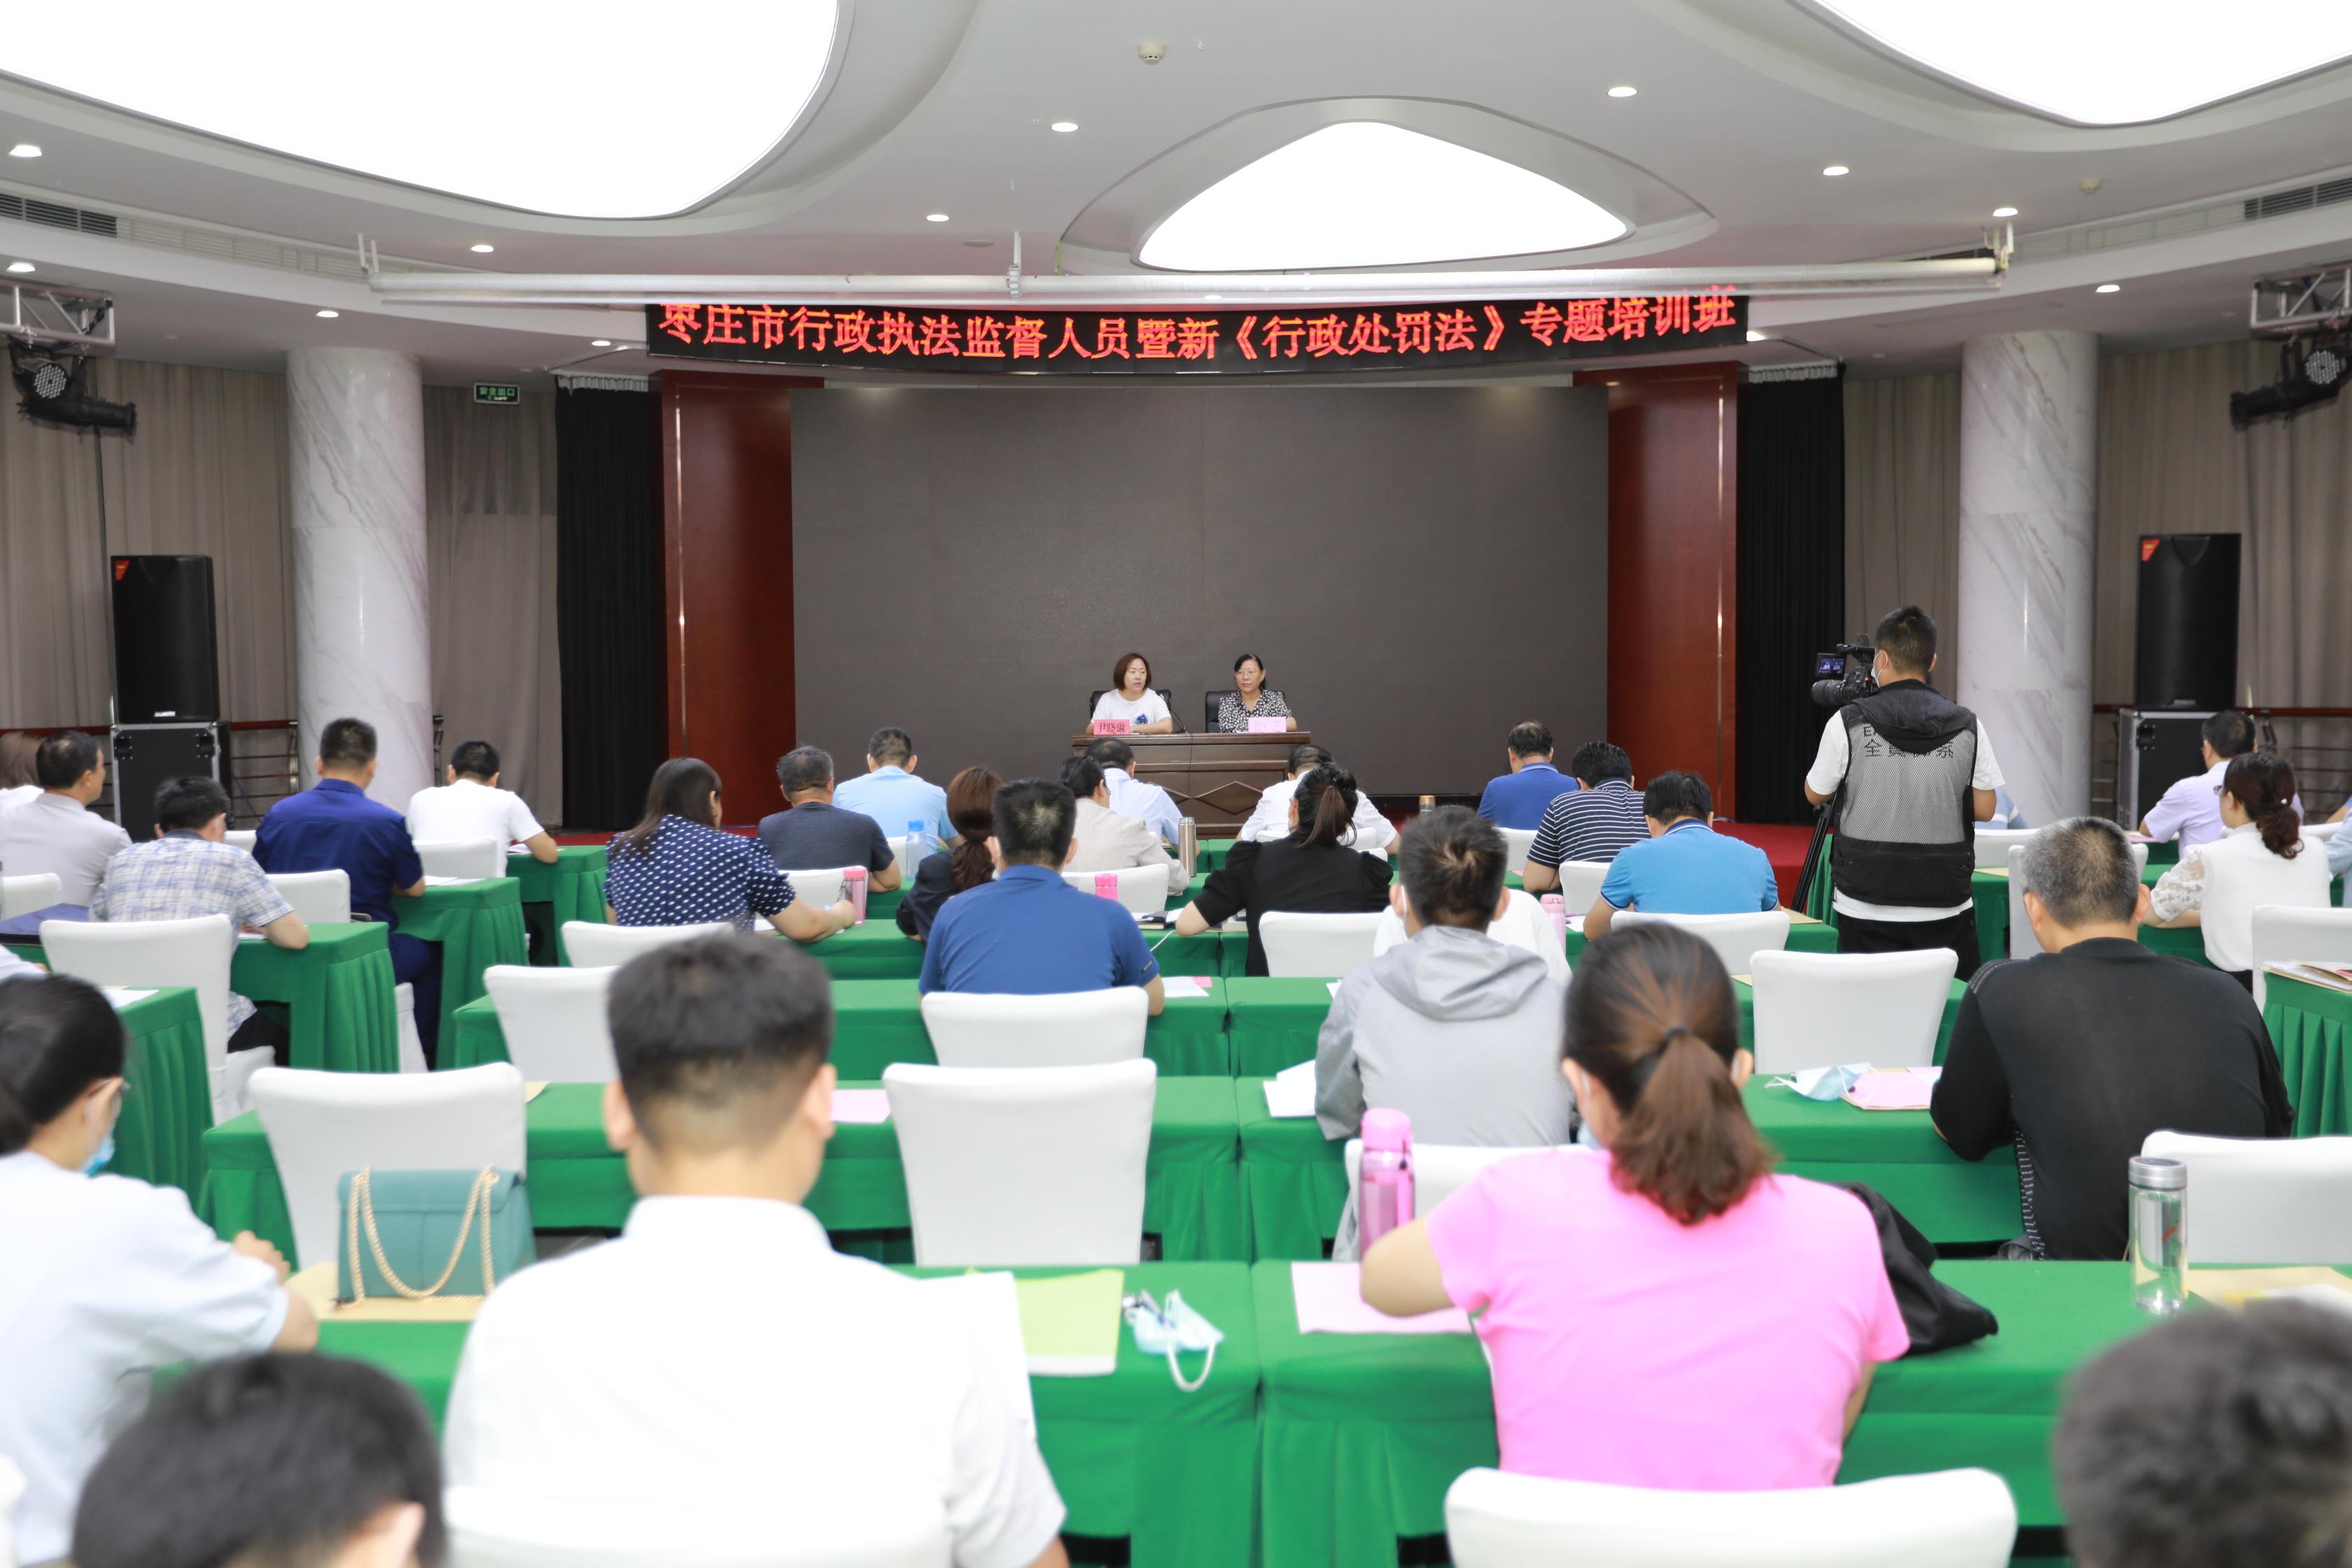 【法治动态】枣庄市举办行政执法监督人员暨新《行政处罚法》培训班